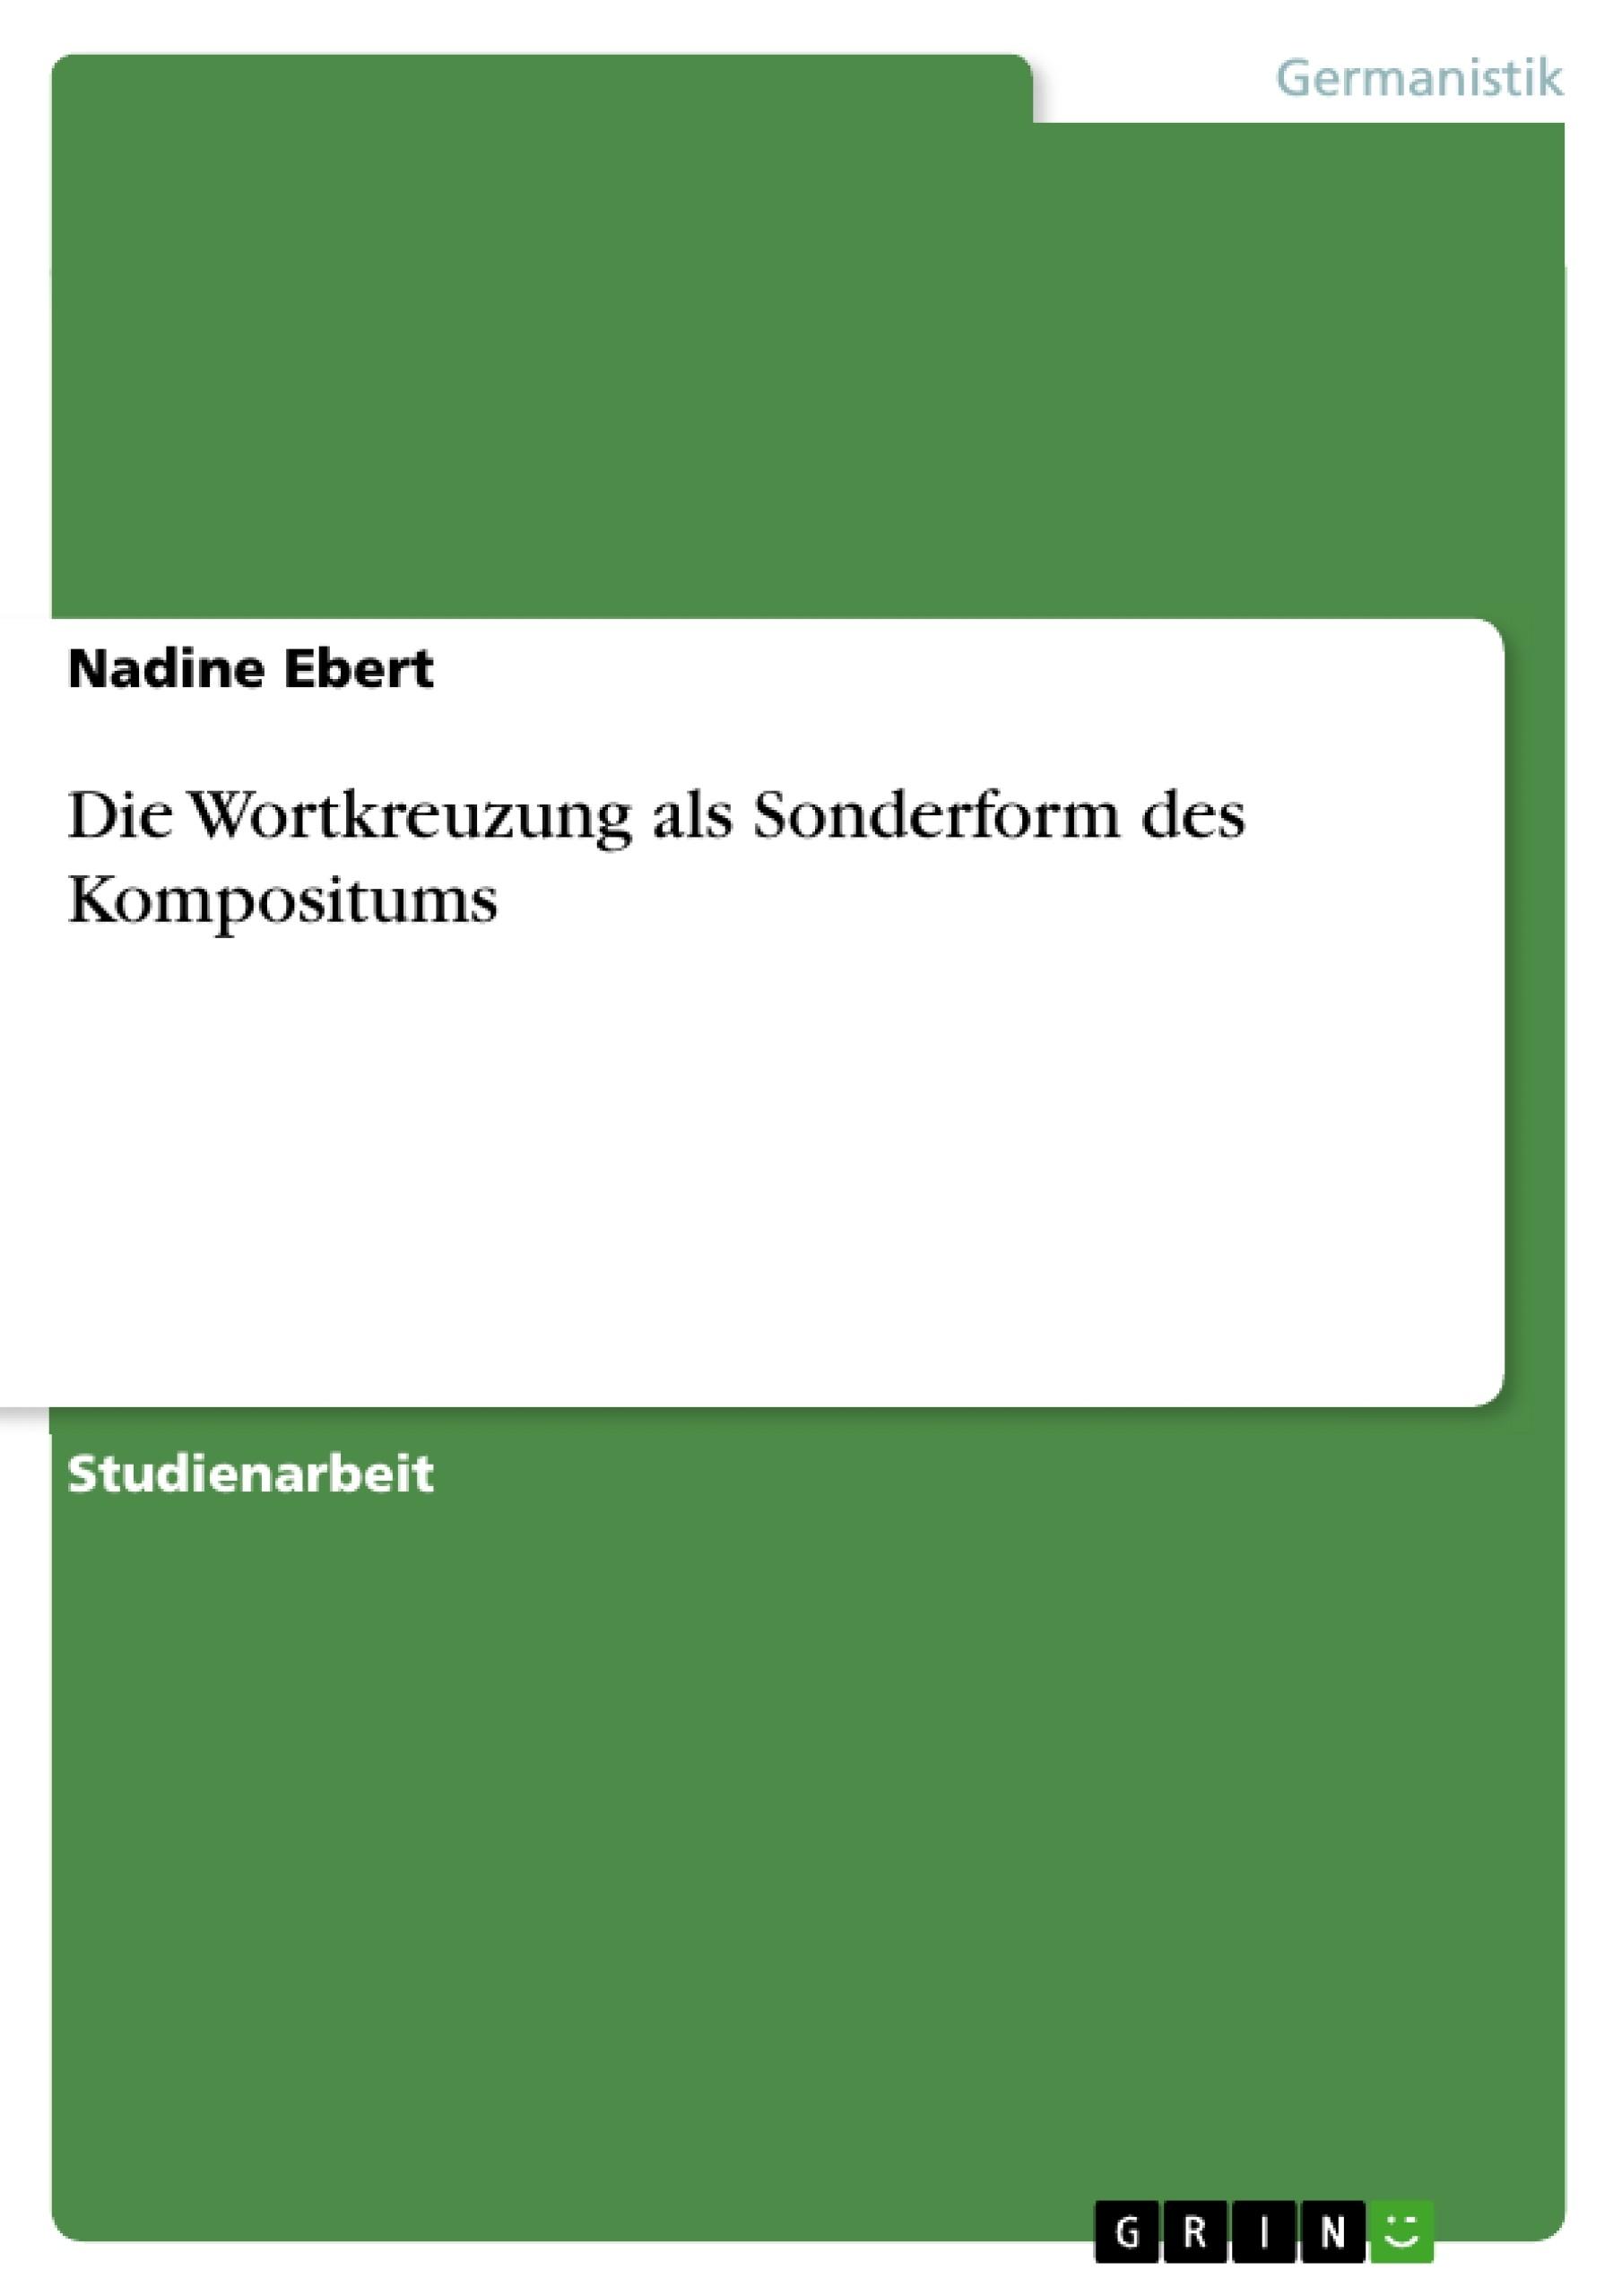 Titel: Die Wortkreuzung als Sonderform des Kompositums